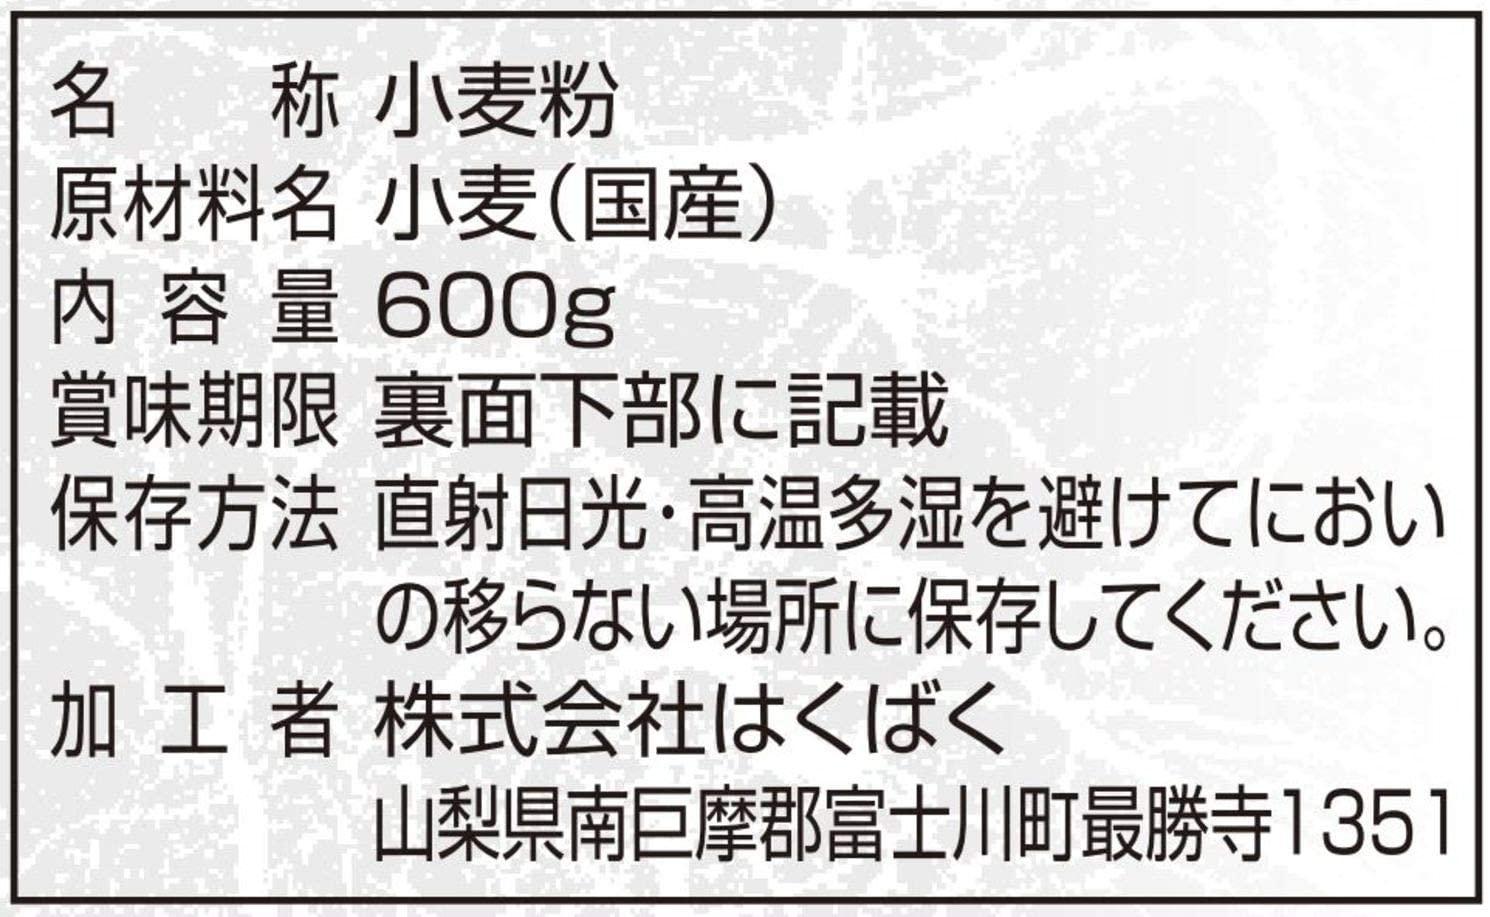 地粉 600g×10袋